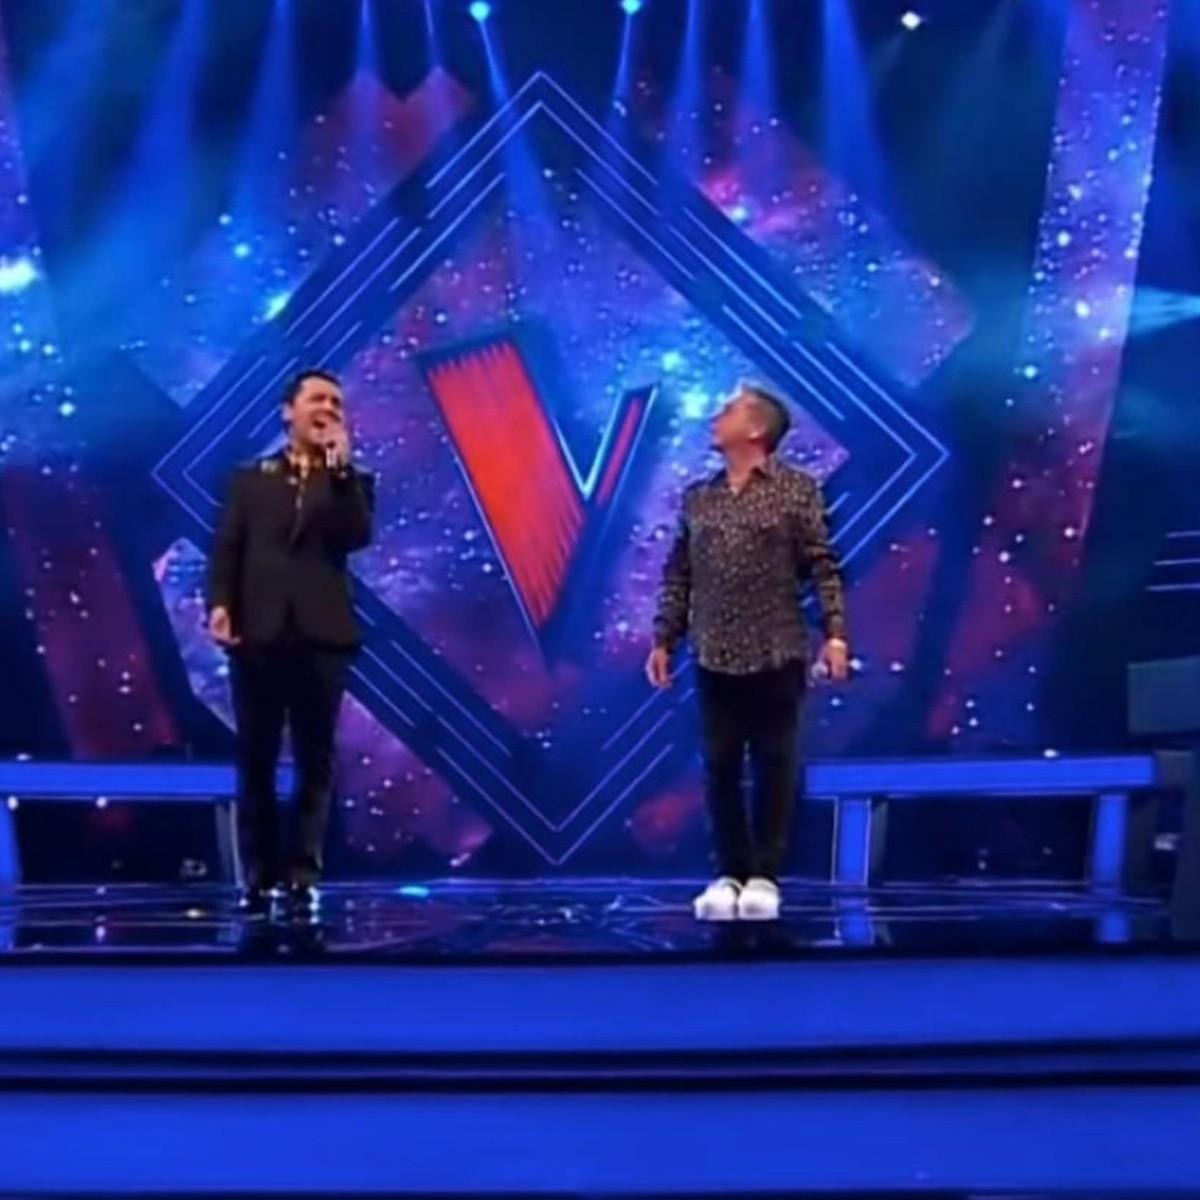 La gran interpretación de Christian Nodal y Ricardo Montaner en La Voz México   EL IMPARCIAL   Noticias de México y el mundo